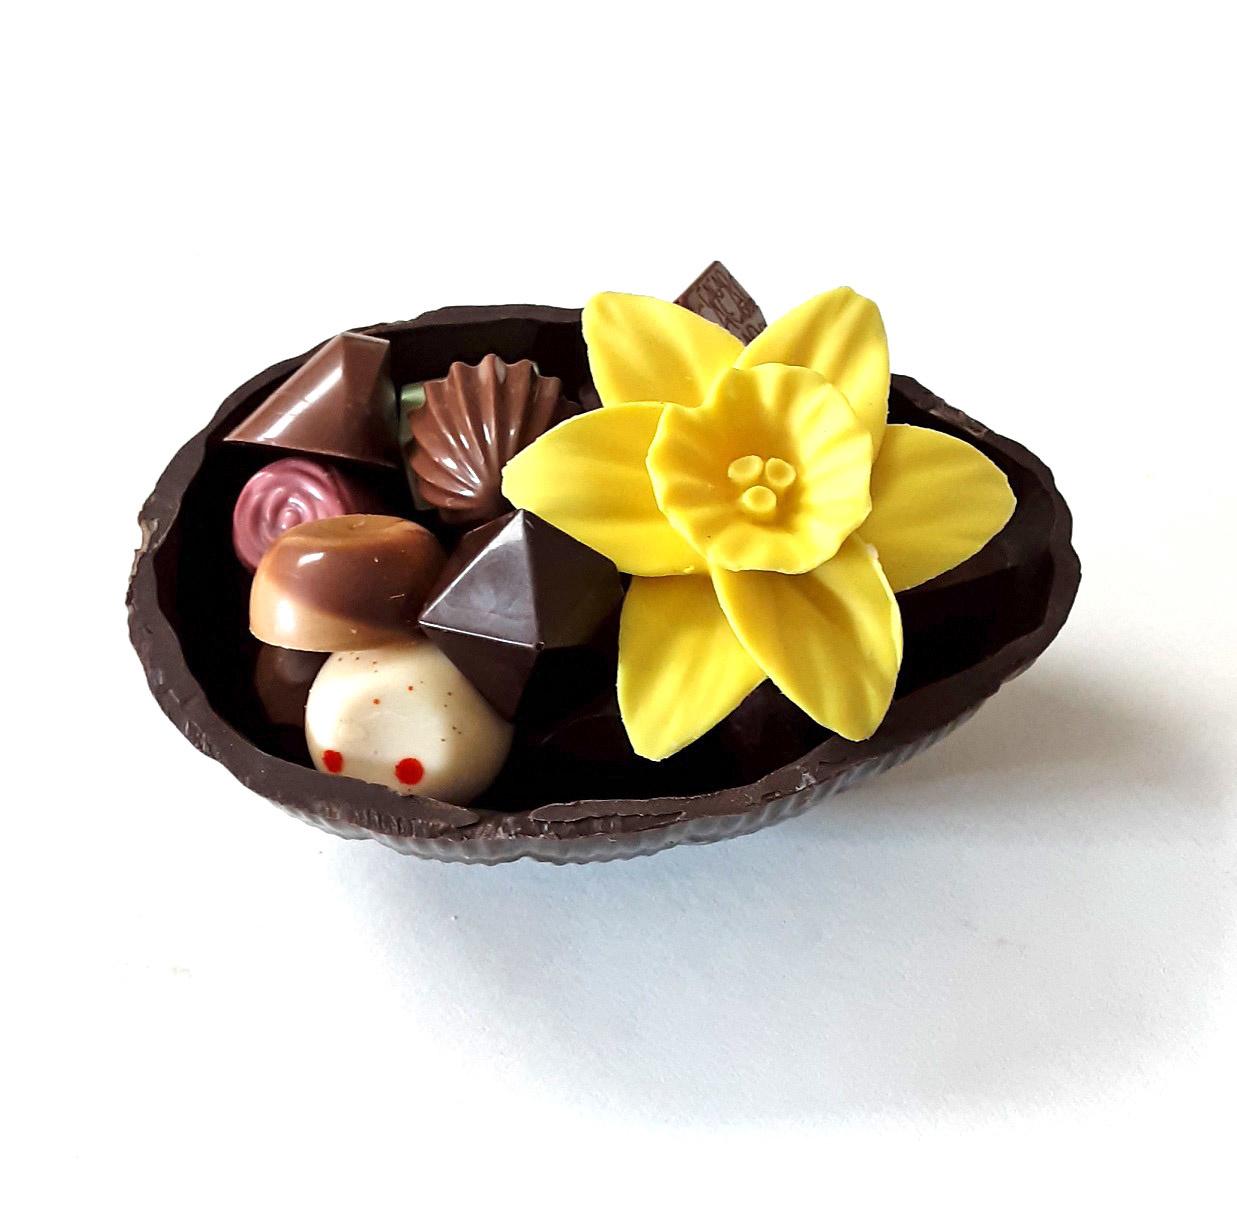 ambachtelijk vervaardigd in eigen atelier Een halve ei gevuld met pralines